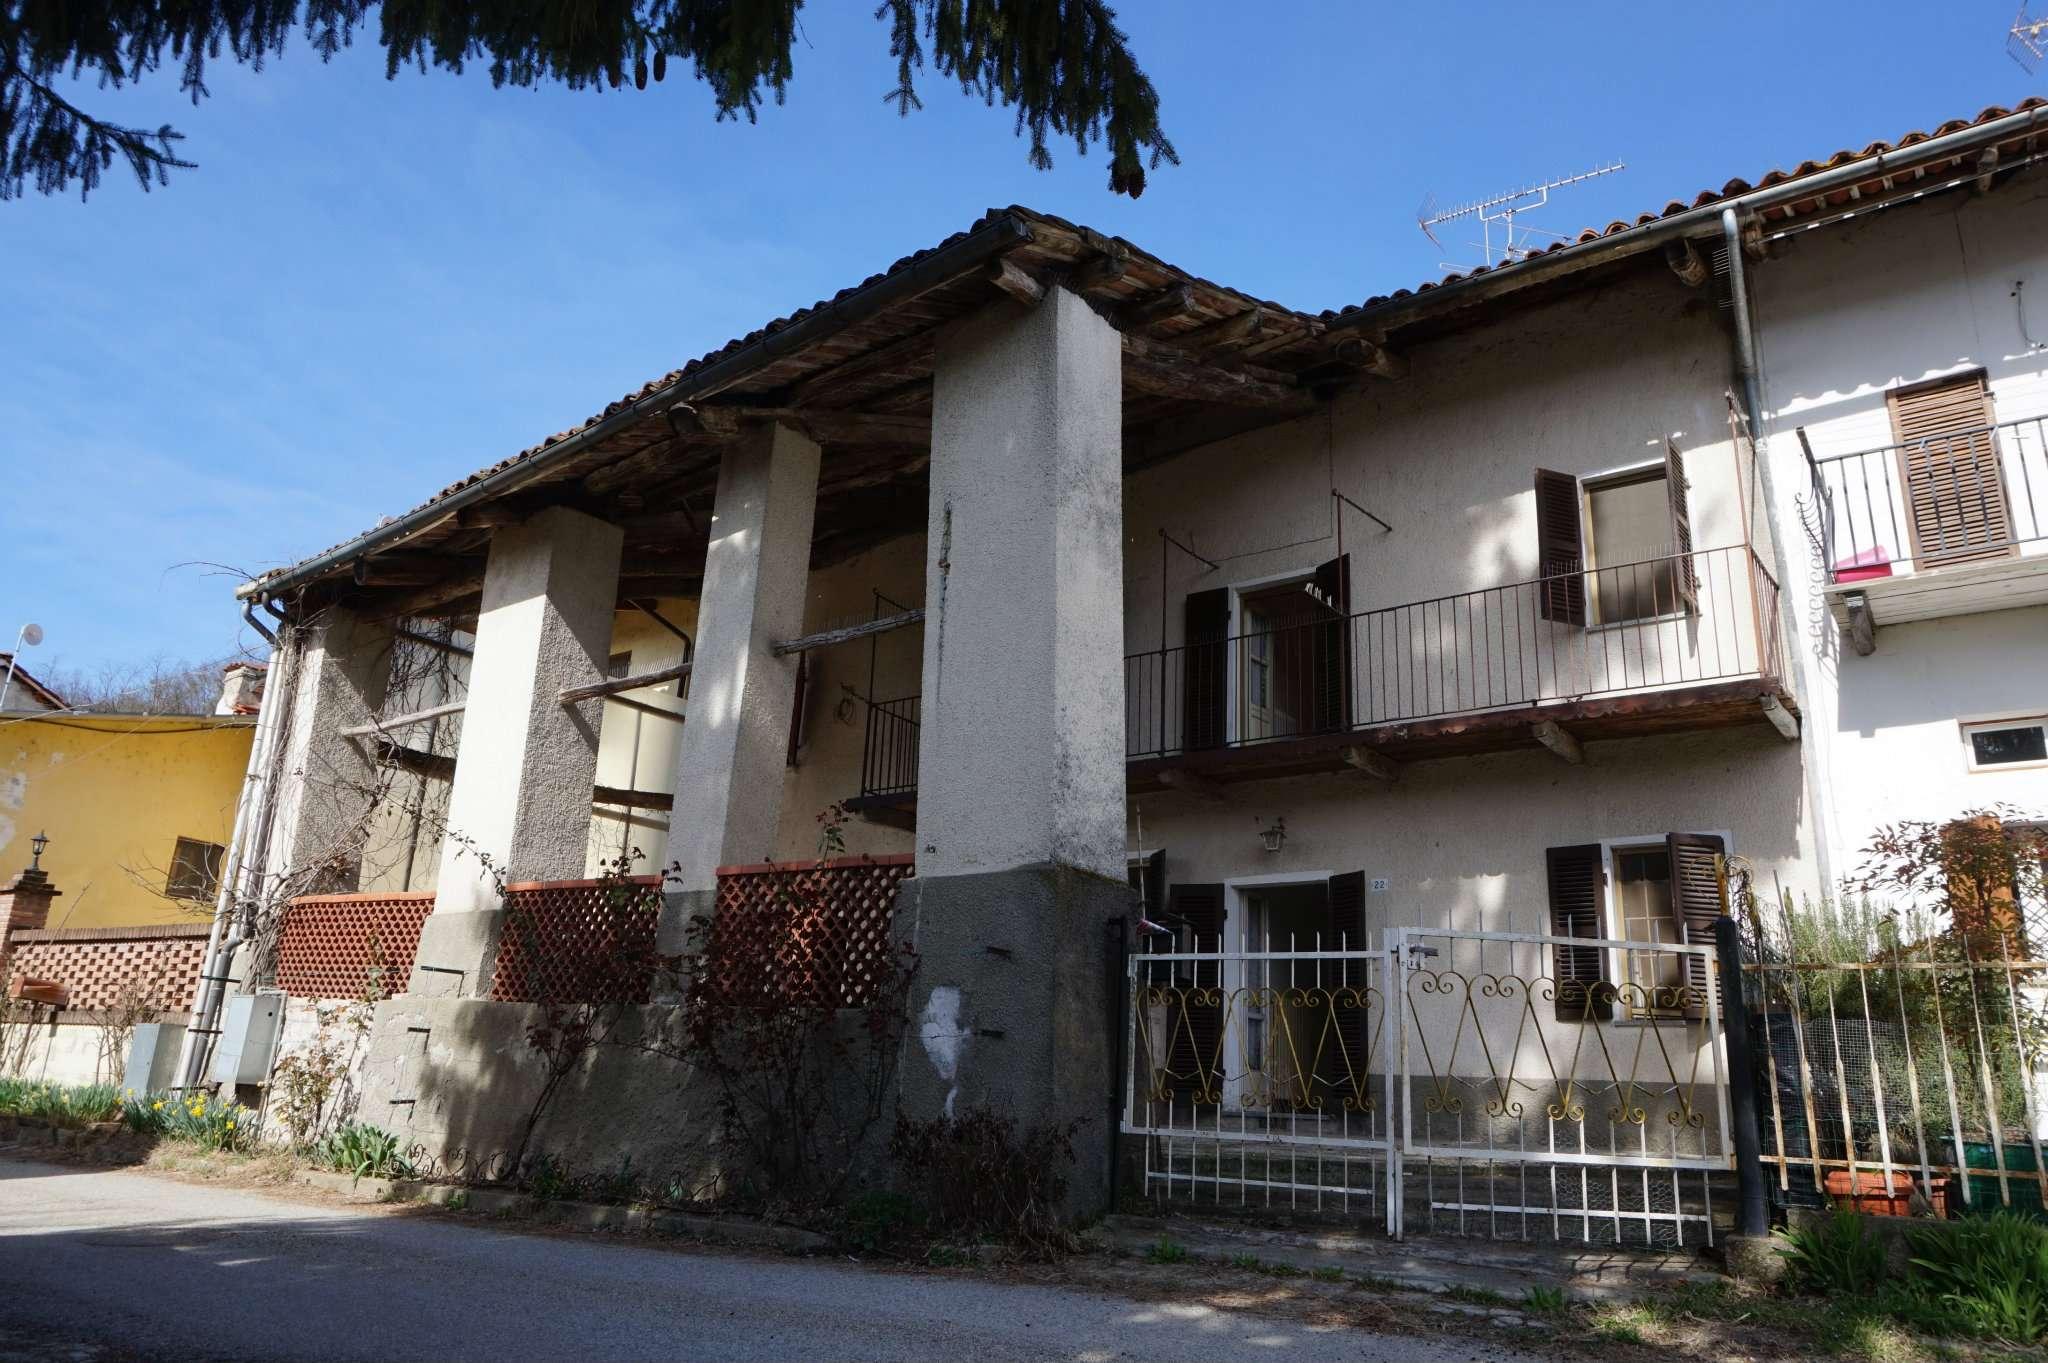 Foto 1 di Casa indipendente Località Campasso 22, Verrua Savoia